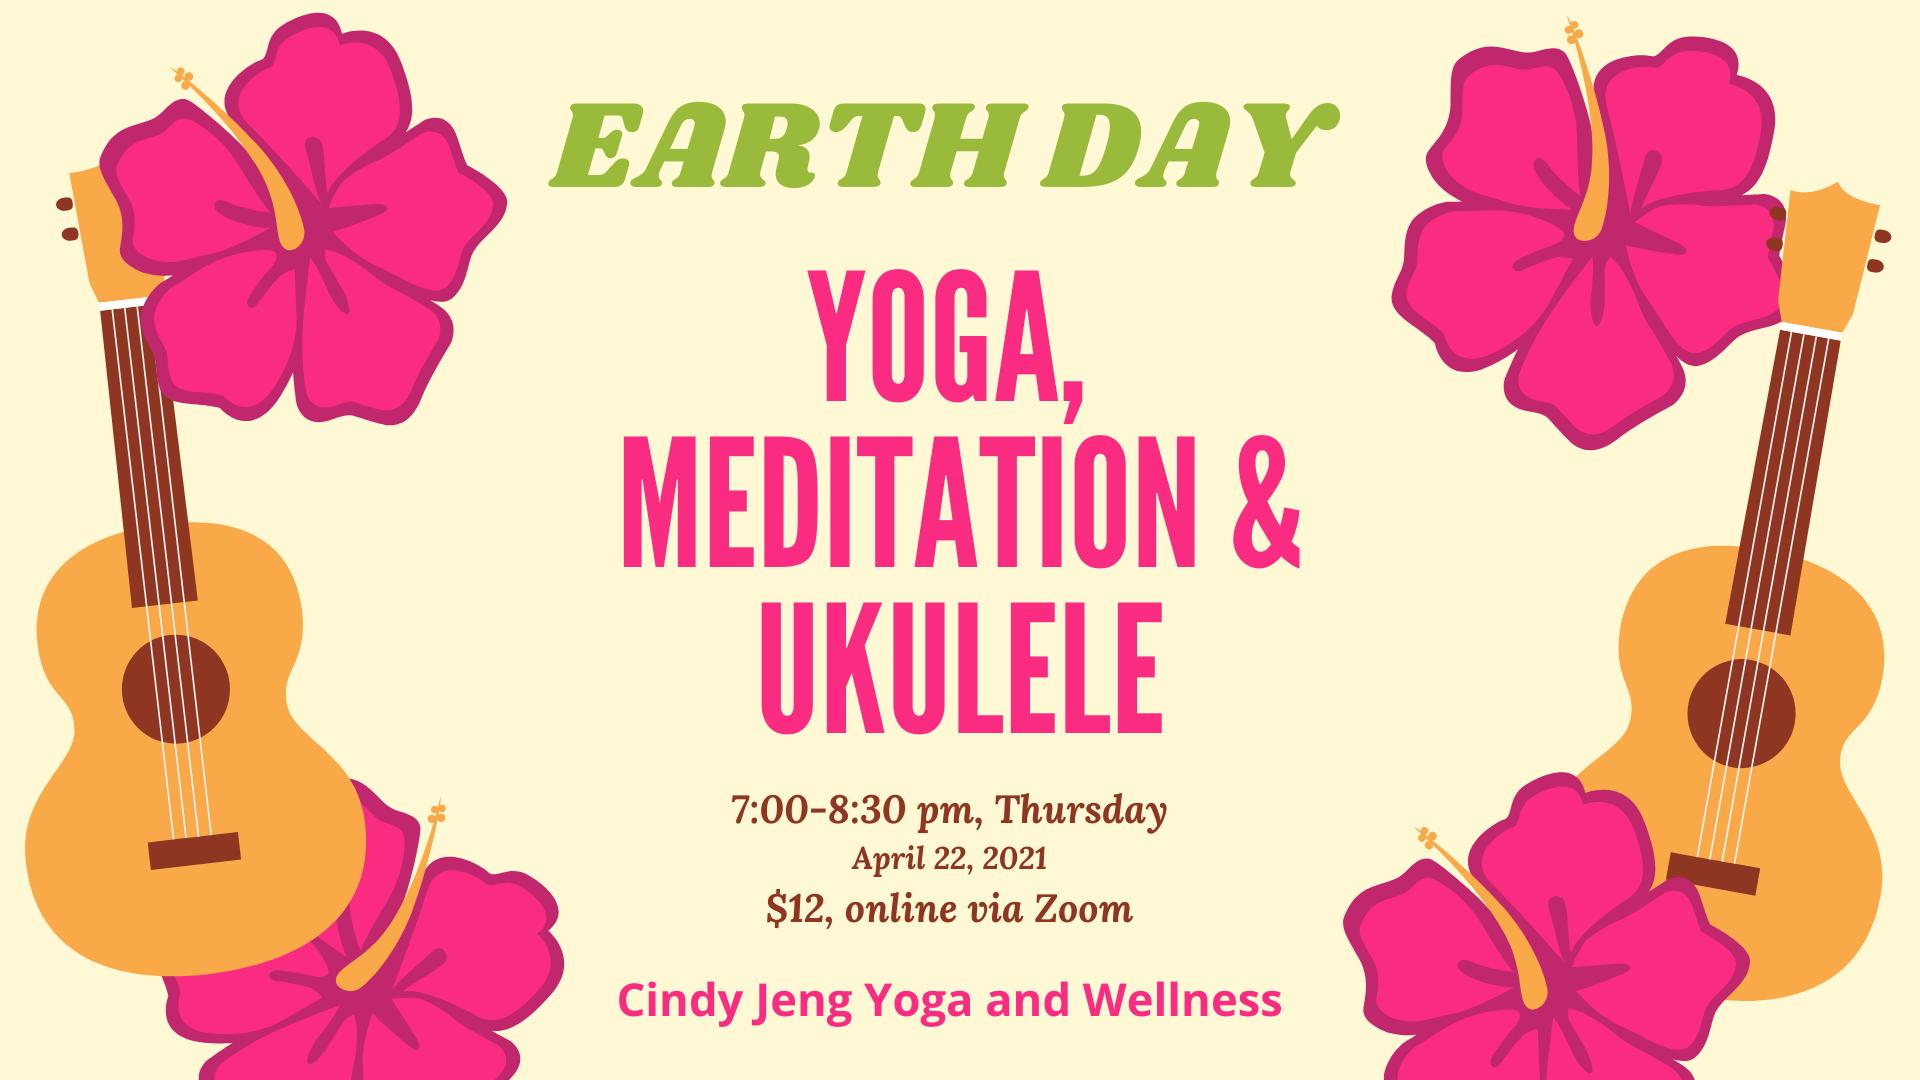 Earth Day- Yoga, Meditation & Ukulele